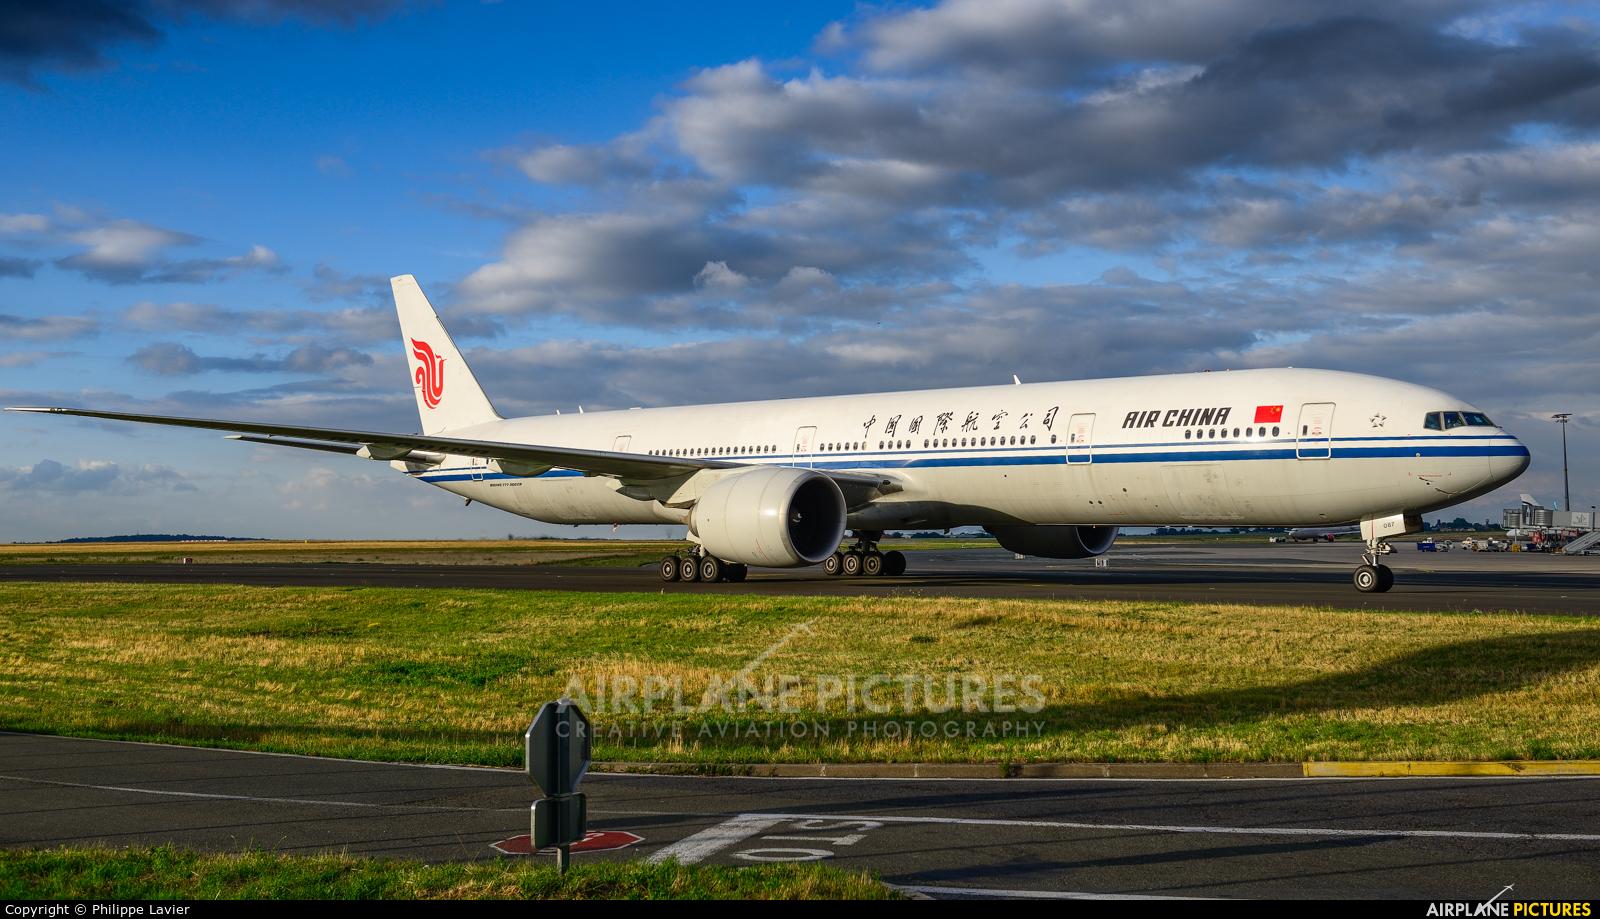 Air China B-2087 aircraft at Paris - Charles de Gaulle